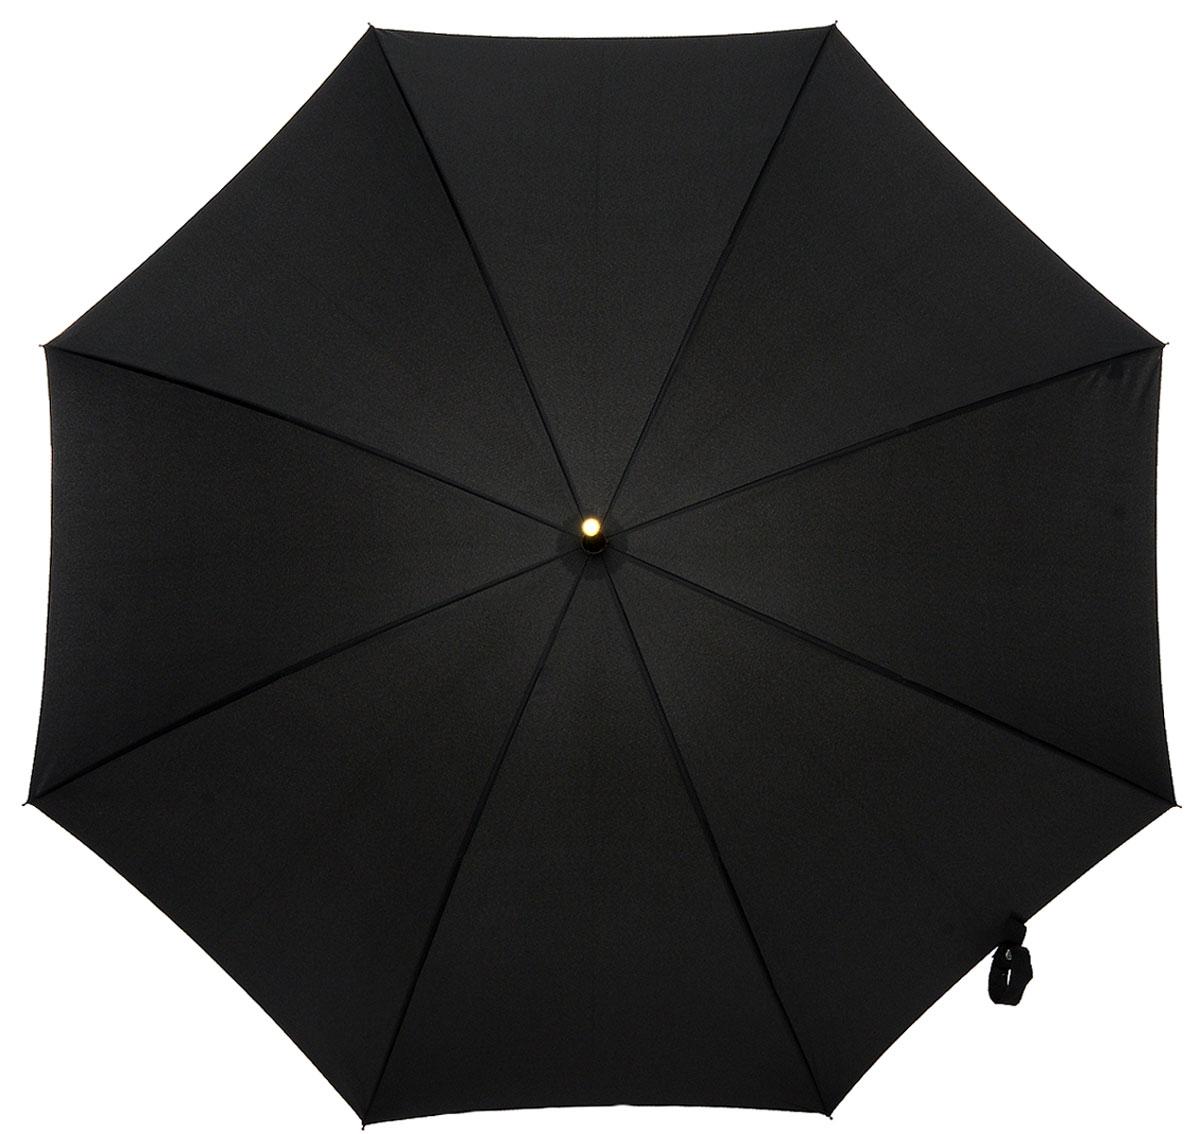 Зонт-трость мужской Fulton, механика, цвет: черный. G807-01G807-01 BlackЗонт-трость Fulton надежно защитит от непогоды. Купол выполнен из высококачественного полиэстера, который не пропускает воду. Каркас зонта, выполненный из прочного металла, состоит из восьми спиц. Зонт имеет механический тип сложения: открывается и закрывается вручную до характерного щелчка. Удобная ручка изогнутой формы выполнена из дерева.